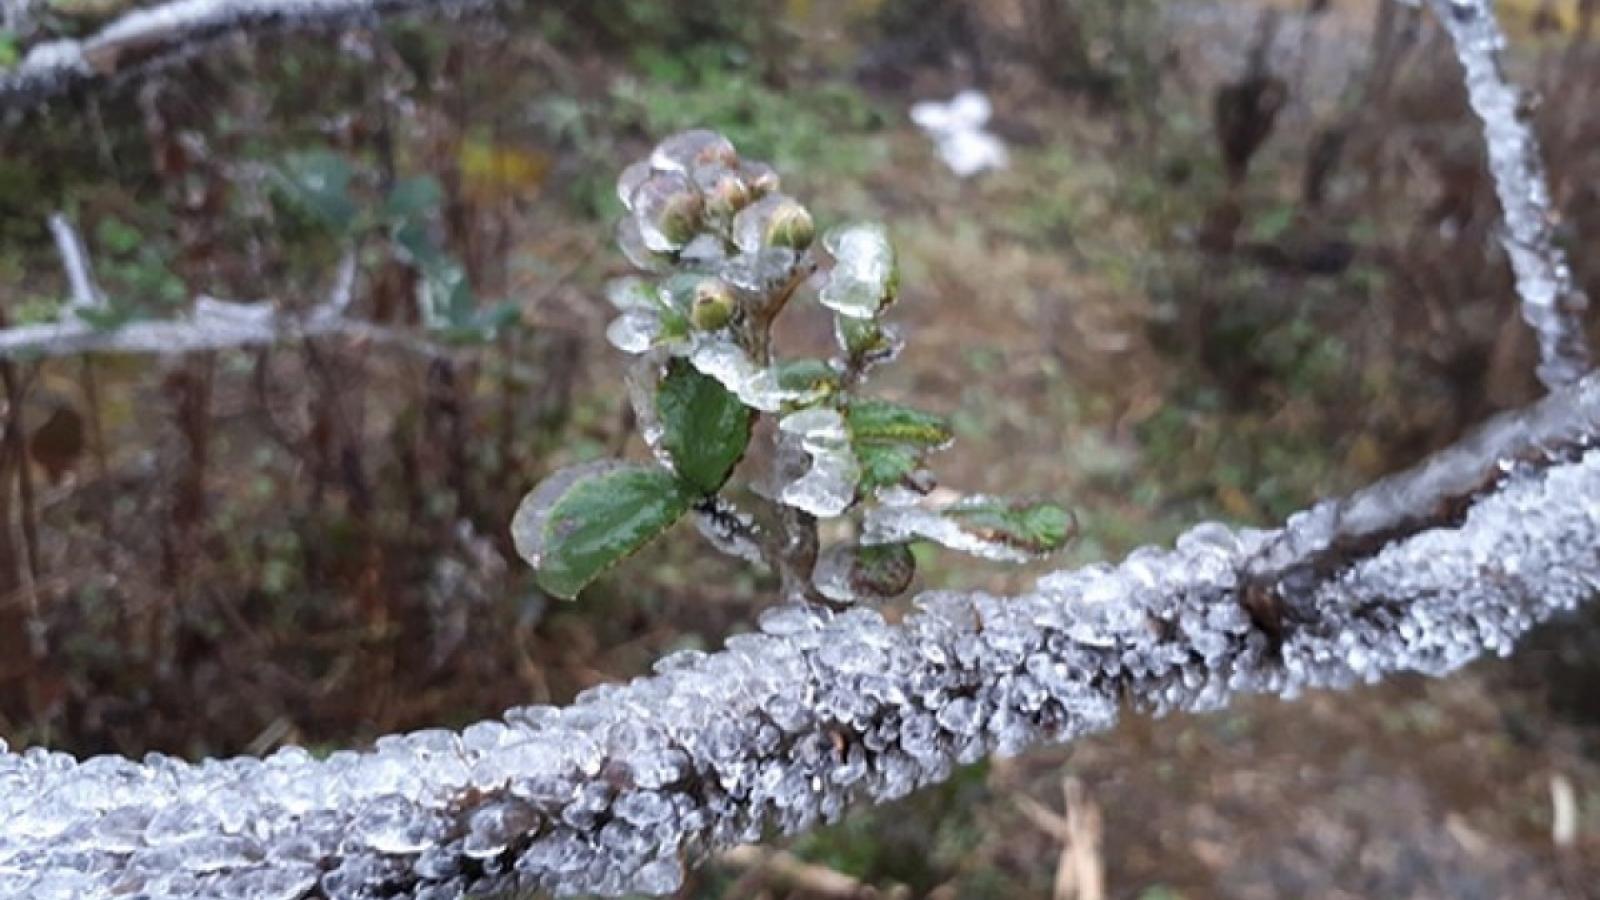 Dự báo thời tiết hôm nay: Vùng núi cao có băng giá và sương muối